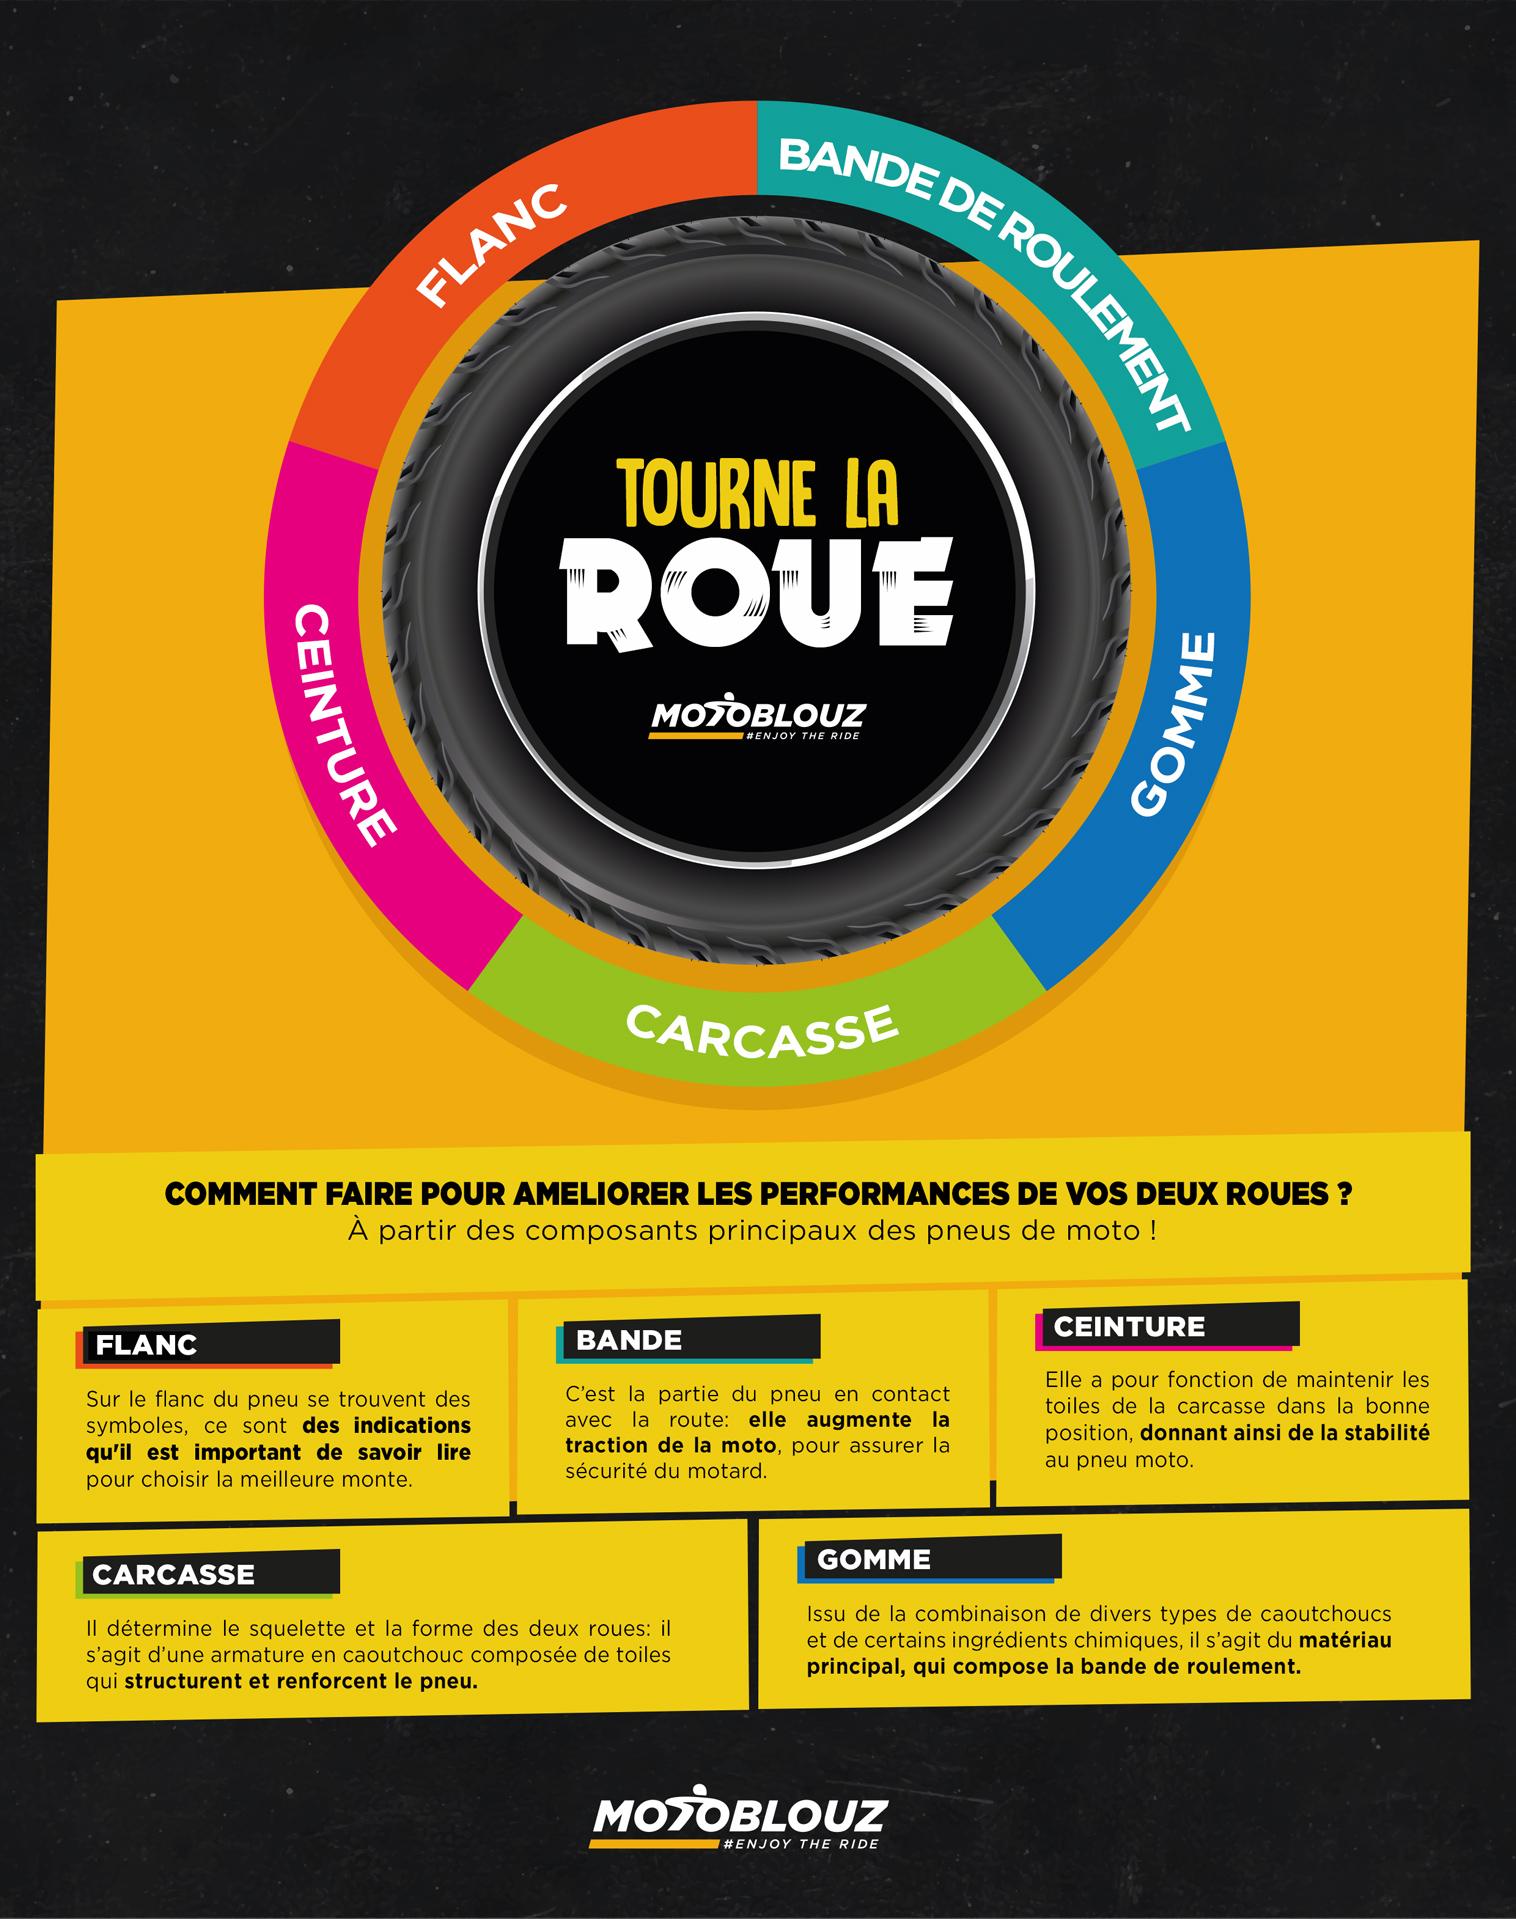 infographie pneu moto